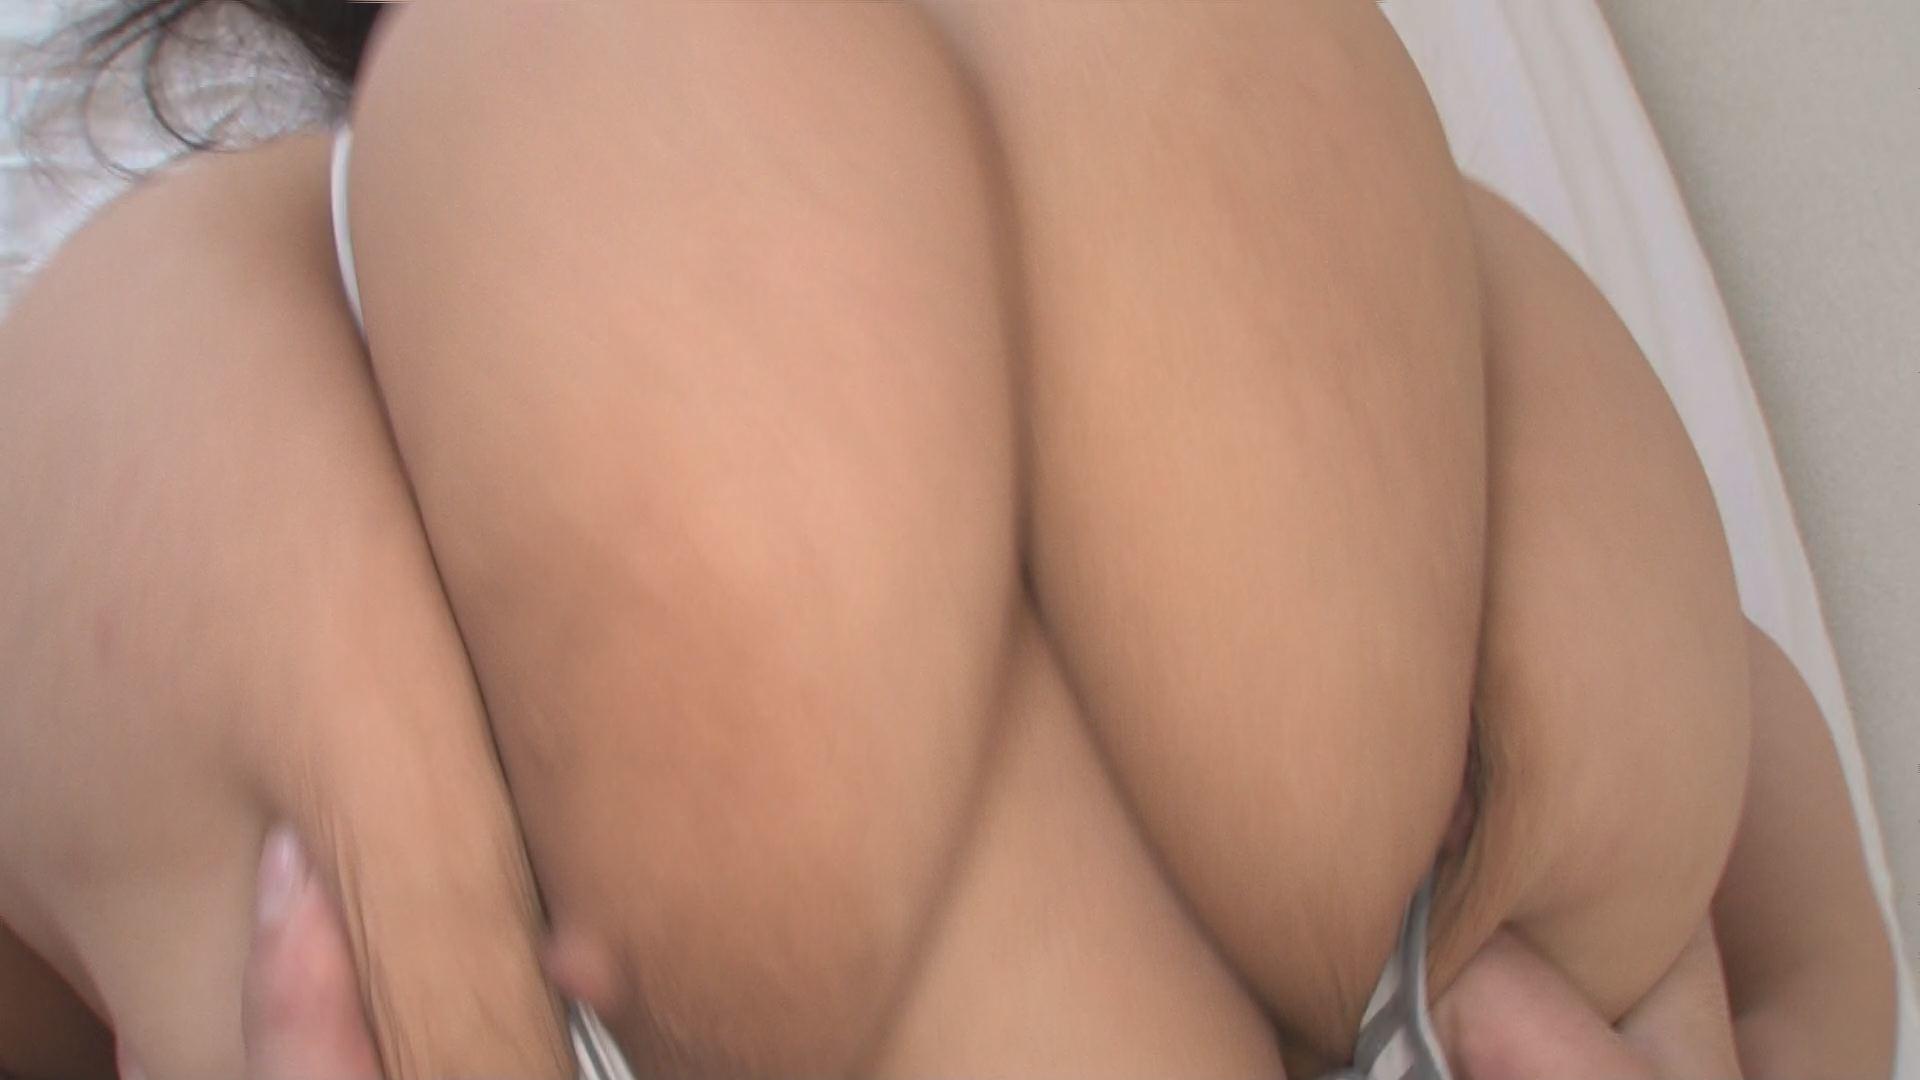 【配信限定動画付】マスクでも撮りたかったTカップ VOL.2 福岡しほ 人気ミケポ風俗嬢の中出し責めテク 画像10